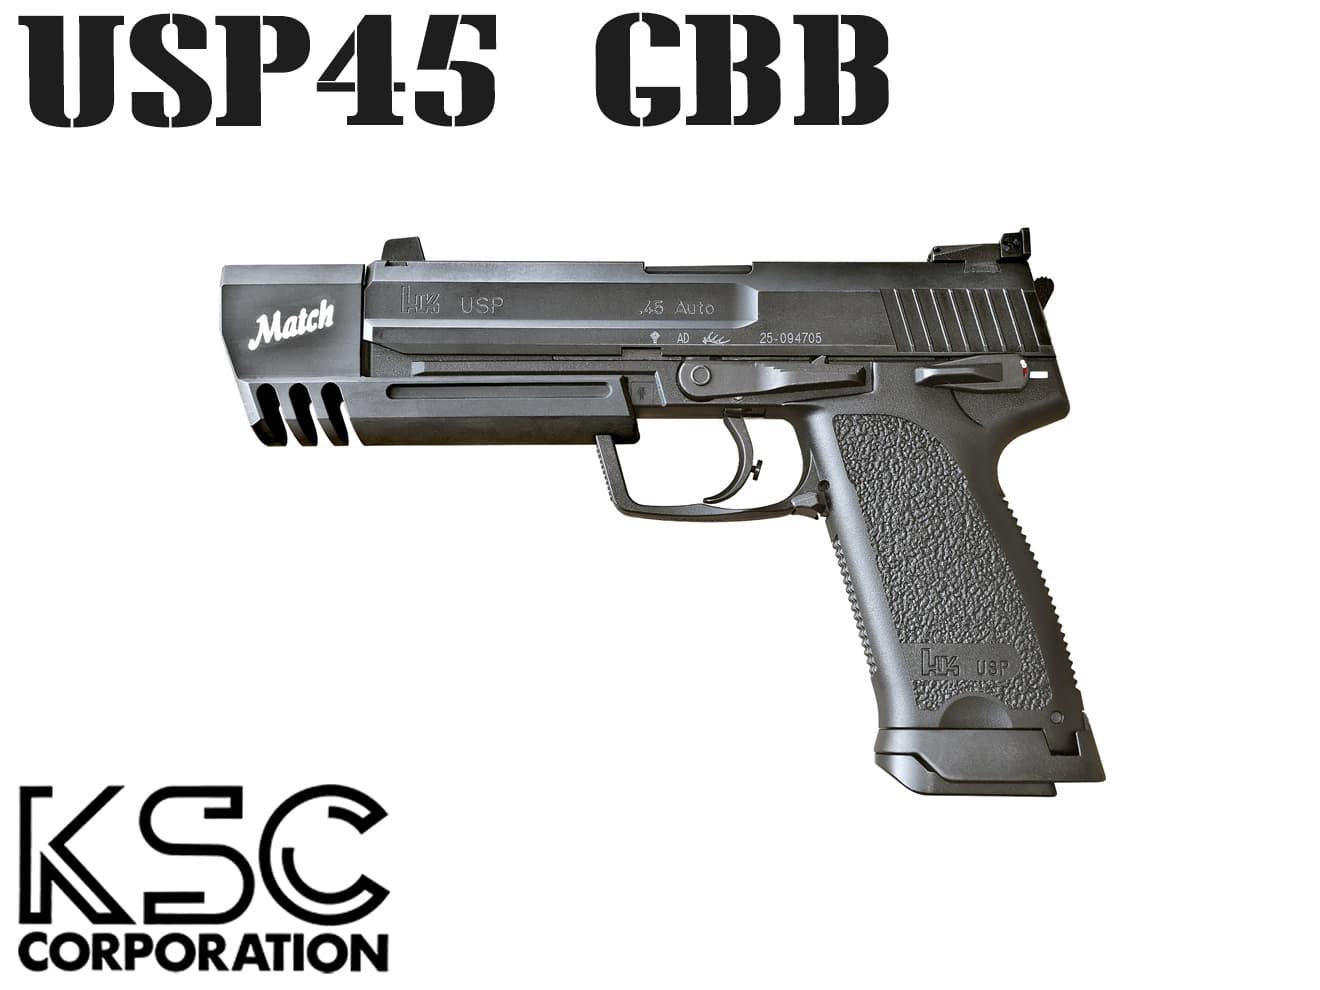 【送料無料】KSC ガスブローバック USP45 マッチ スライドヘヴィウェイト◆ガスブロ/GBB/HW/18歳以上対象